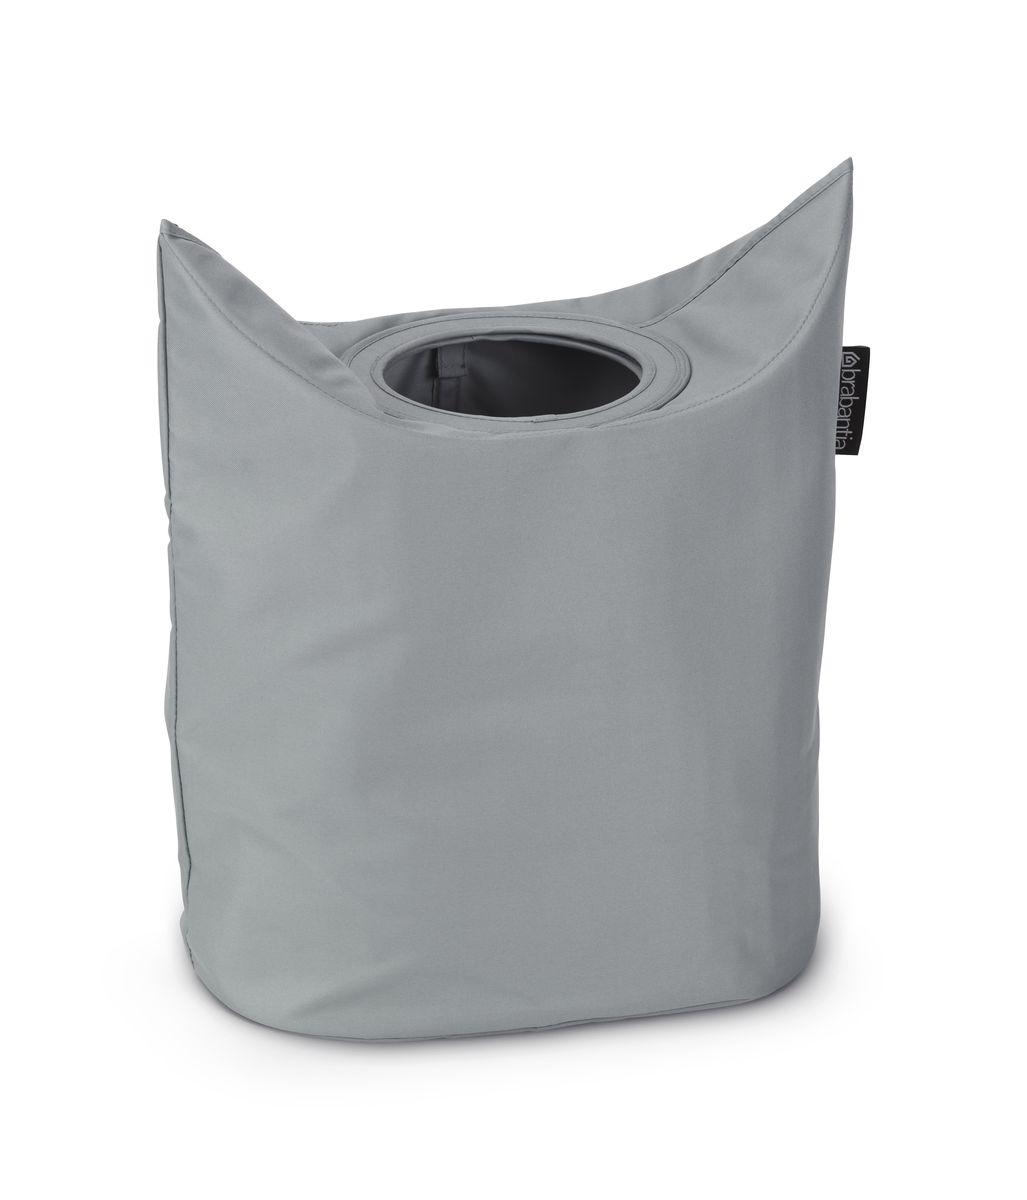 Сумка для белья Brabantia, цвет: серый. 102448391602Оригинальная сумка для белья экономит место и превращает вашу стирку в увлекательное занятие. С помощью складывающихся магнитных ручек сумка закрывается и превращается в корзину для белья с загрузочным отверстием. Собрались стирать? Поднимите ручки, и ваша сумка готова к использованию. Загрузочное отверстие для быстрой загрузки белья – просто сложите магнитные ручки; Большие удобные ручки для переноски; Удобно загружать белье в стиральную машину – большая вместимость и широкое отверстие; 2 года гарантии Brabantia.